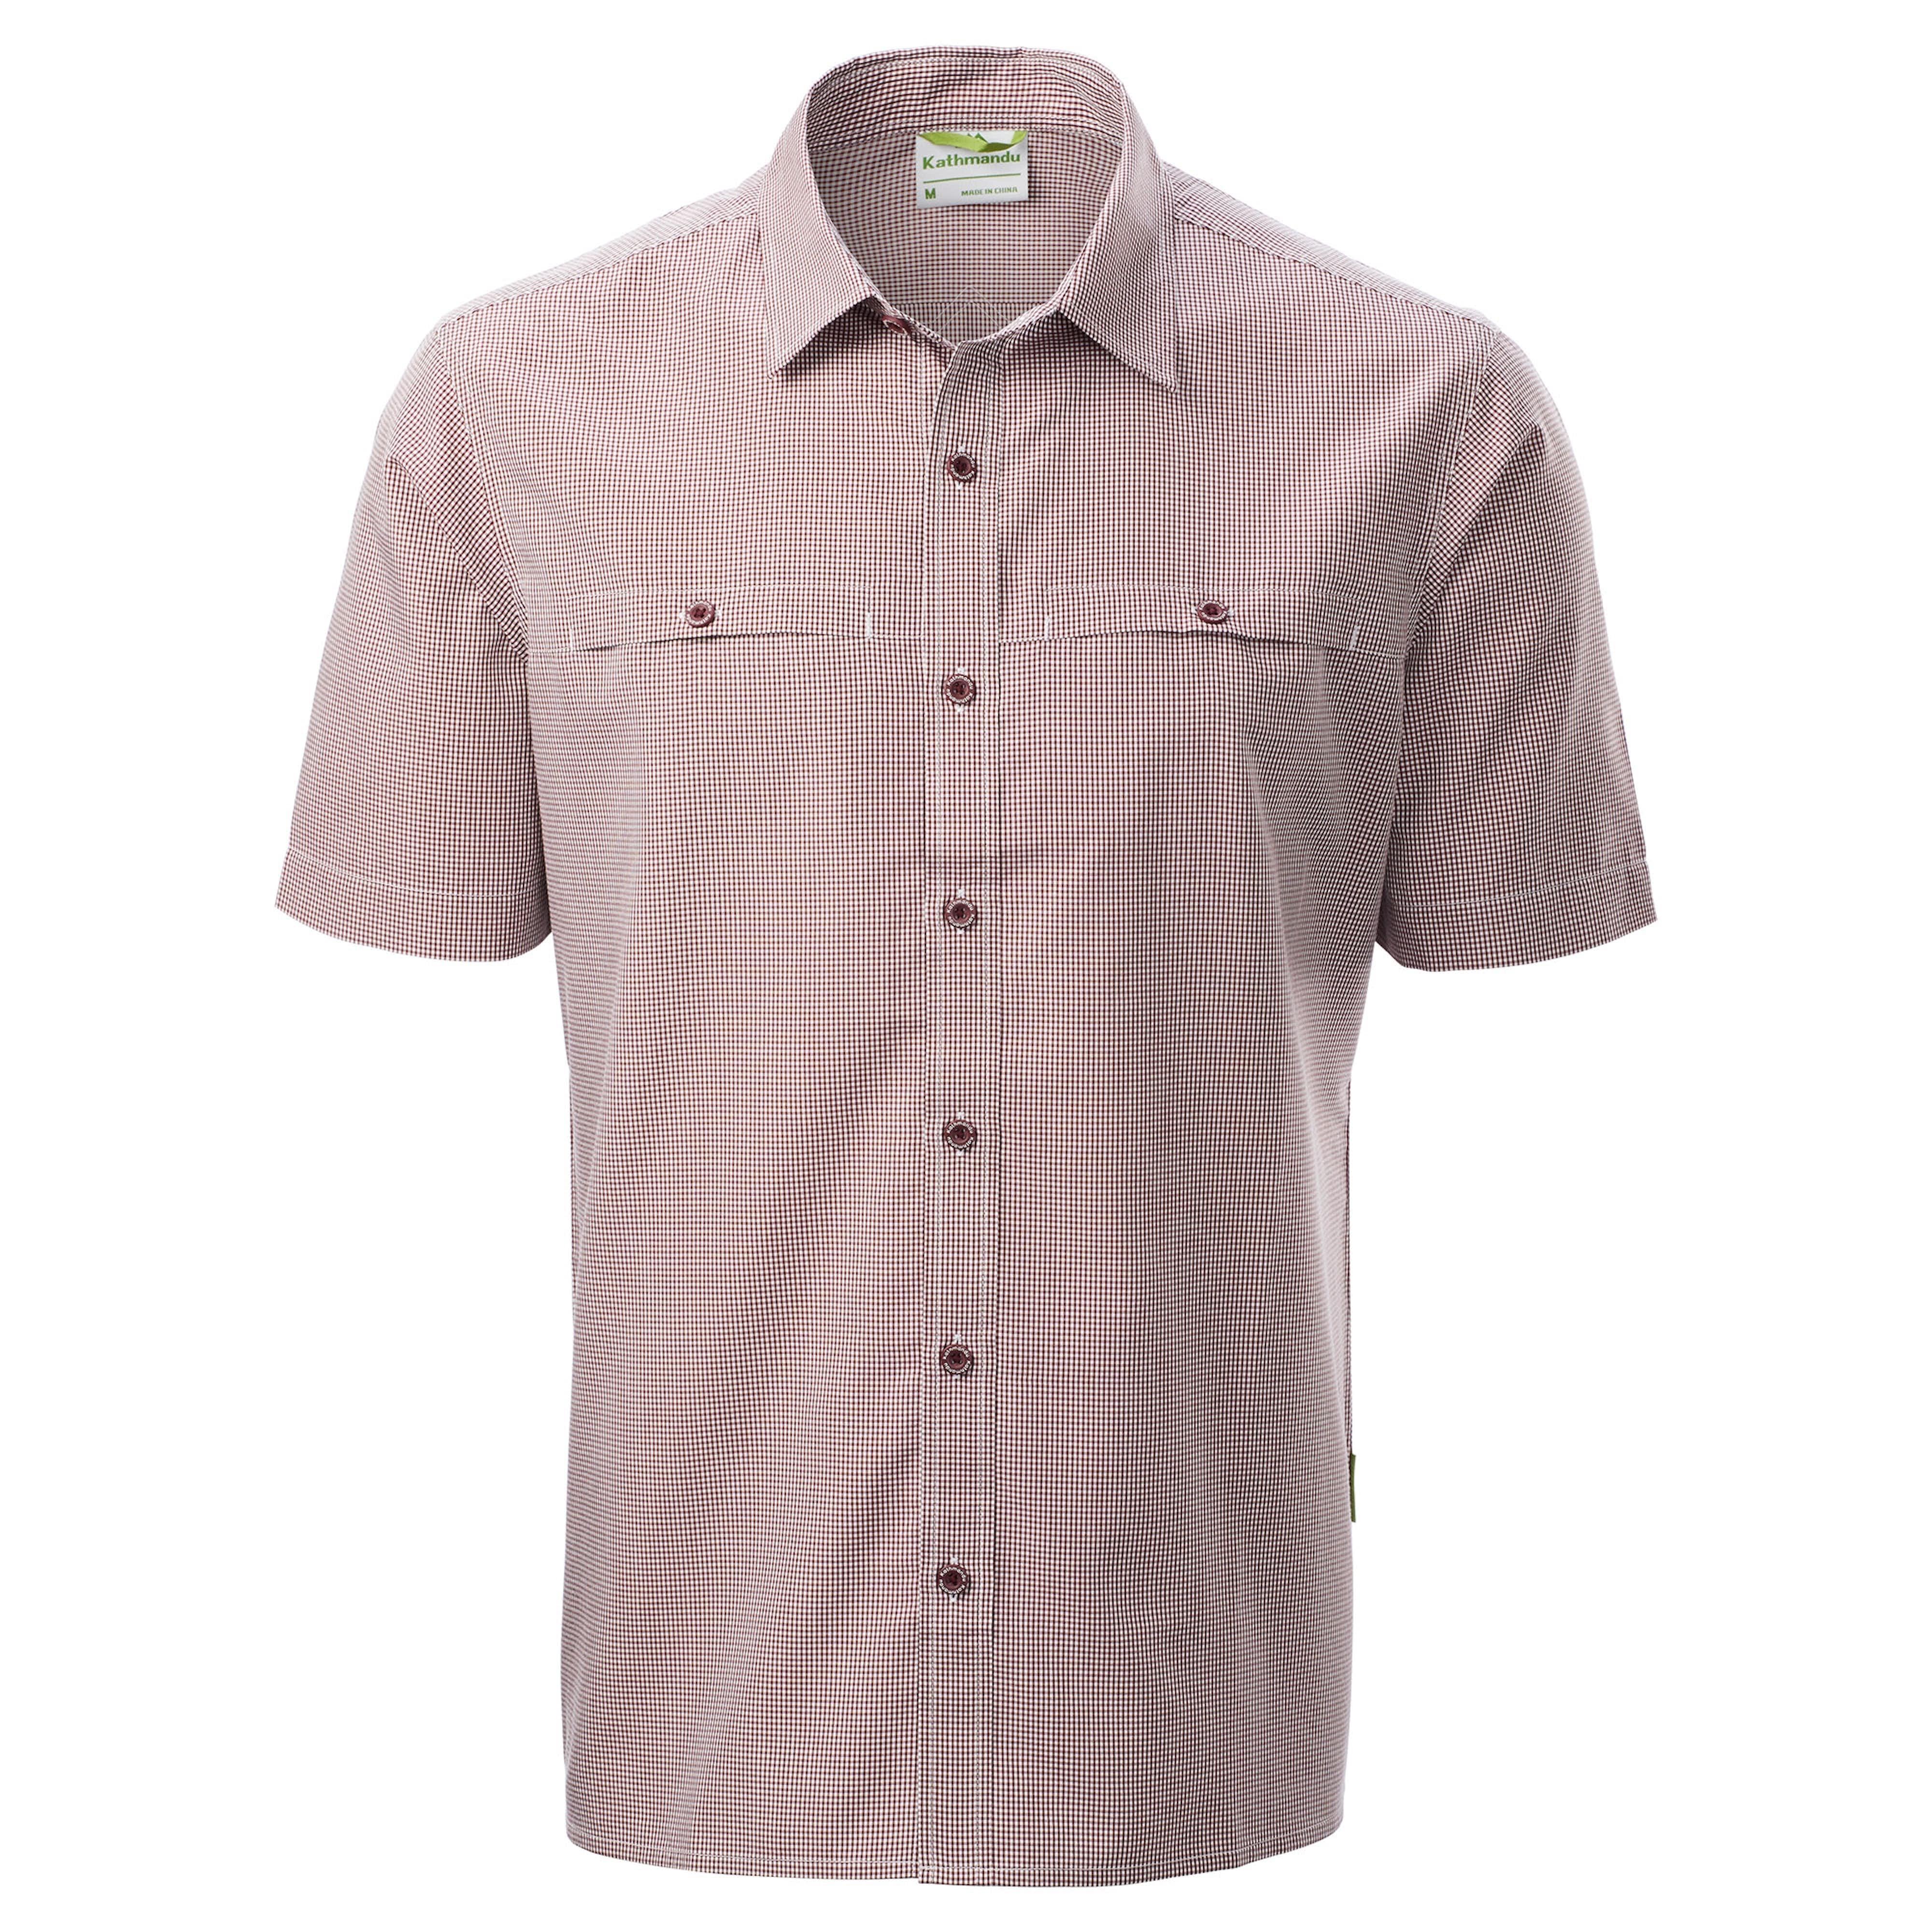 211b0886a48f Tipu Men. Tipu Men s Short Sleeve Check Shirt